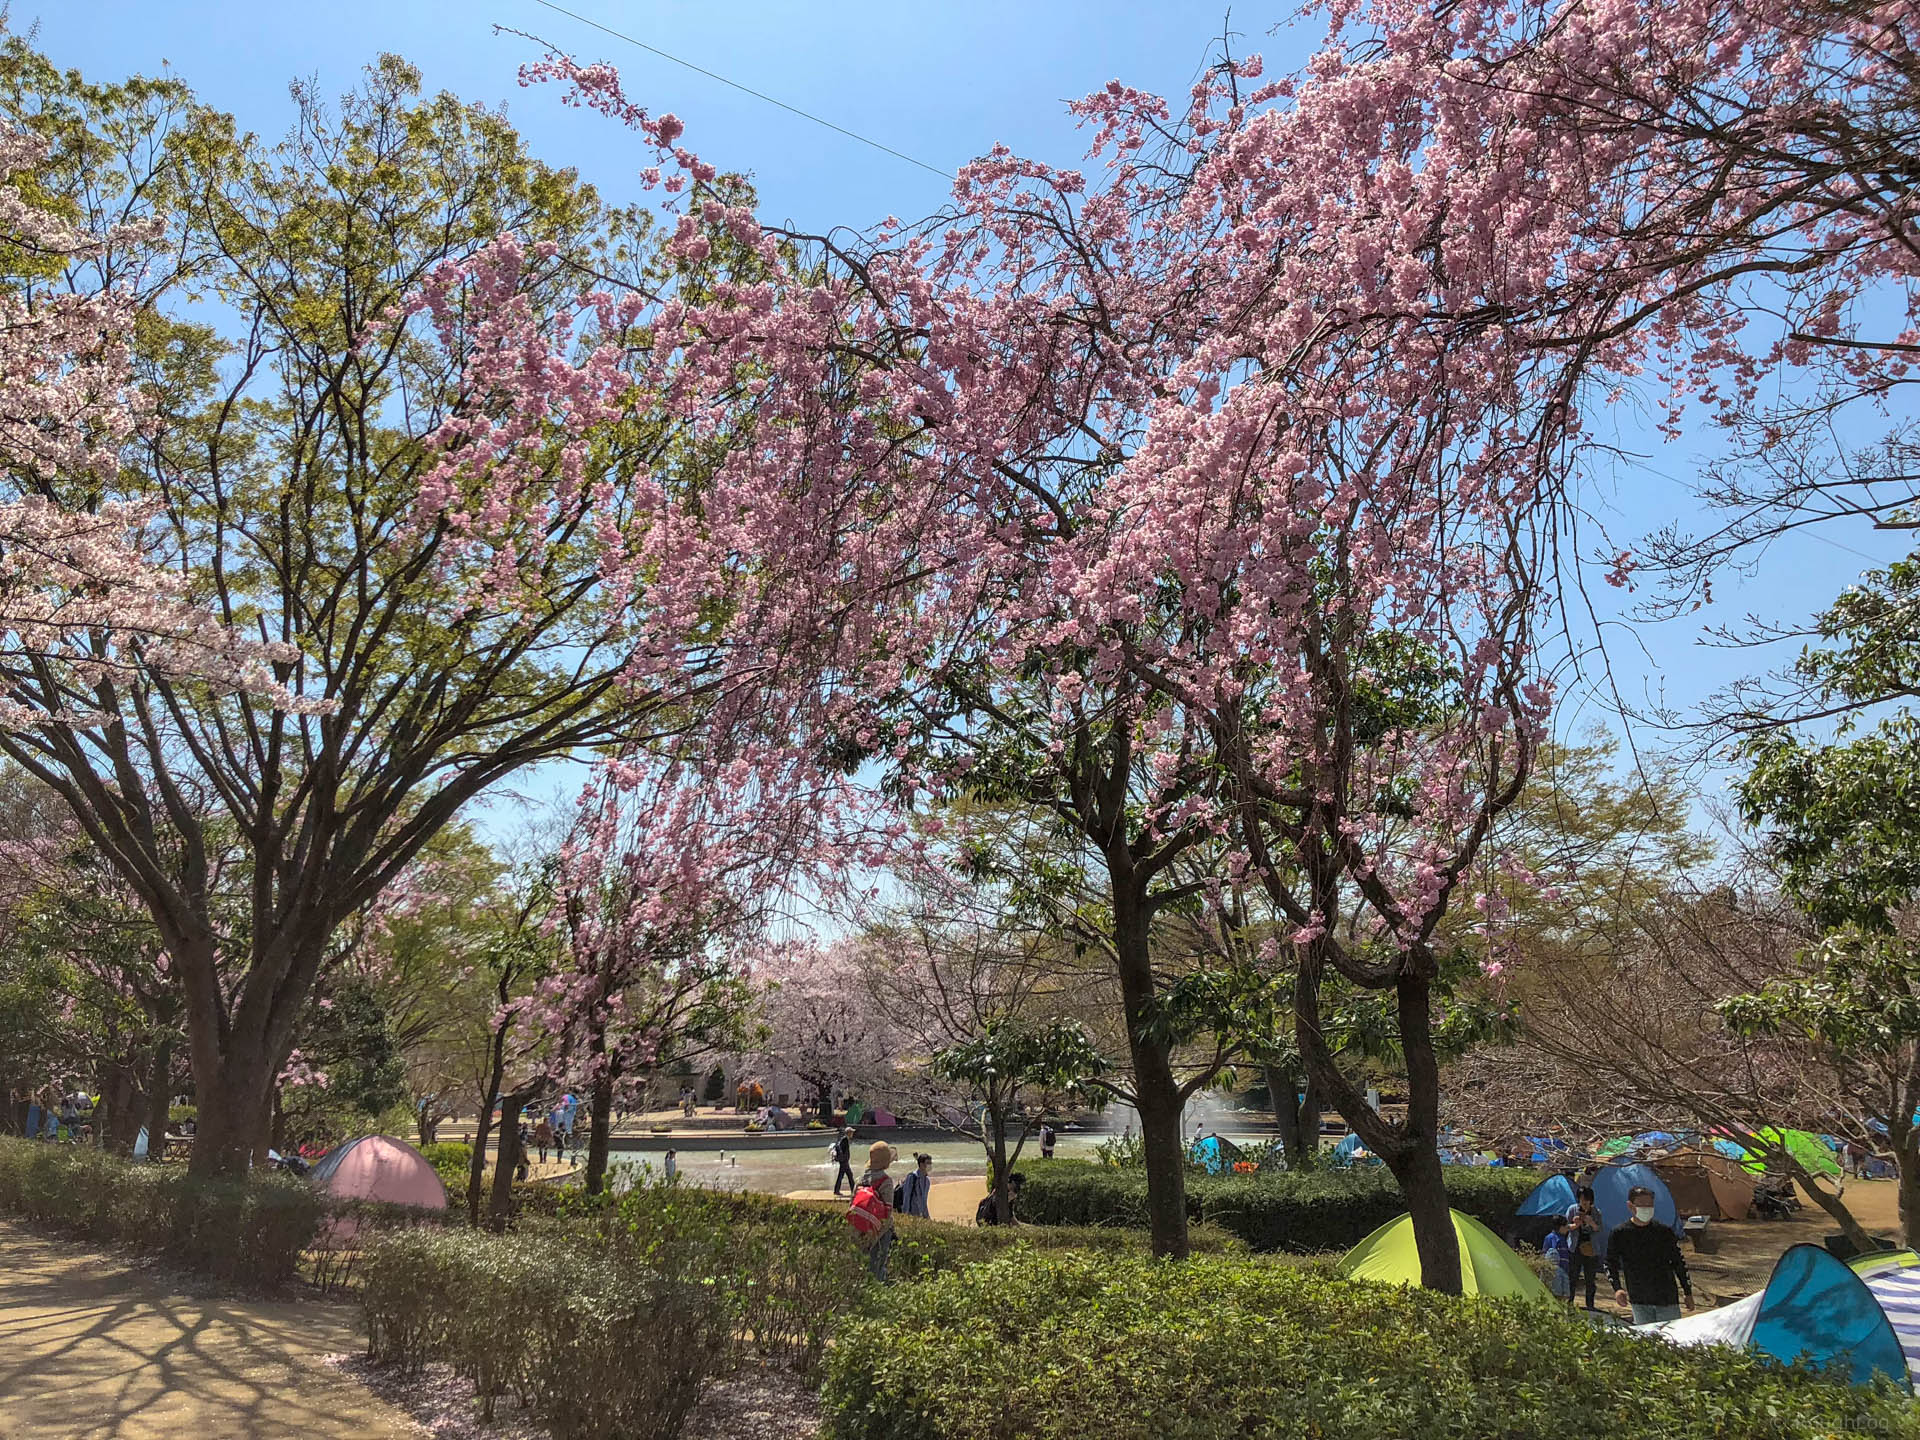 千葉県船橋市の「ふなばしアンデルセン公園」の桜